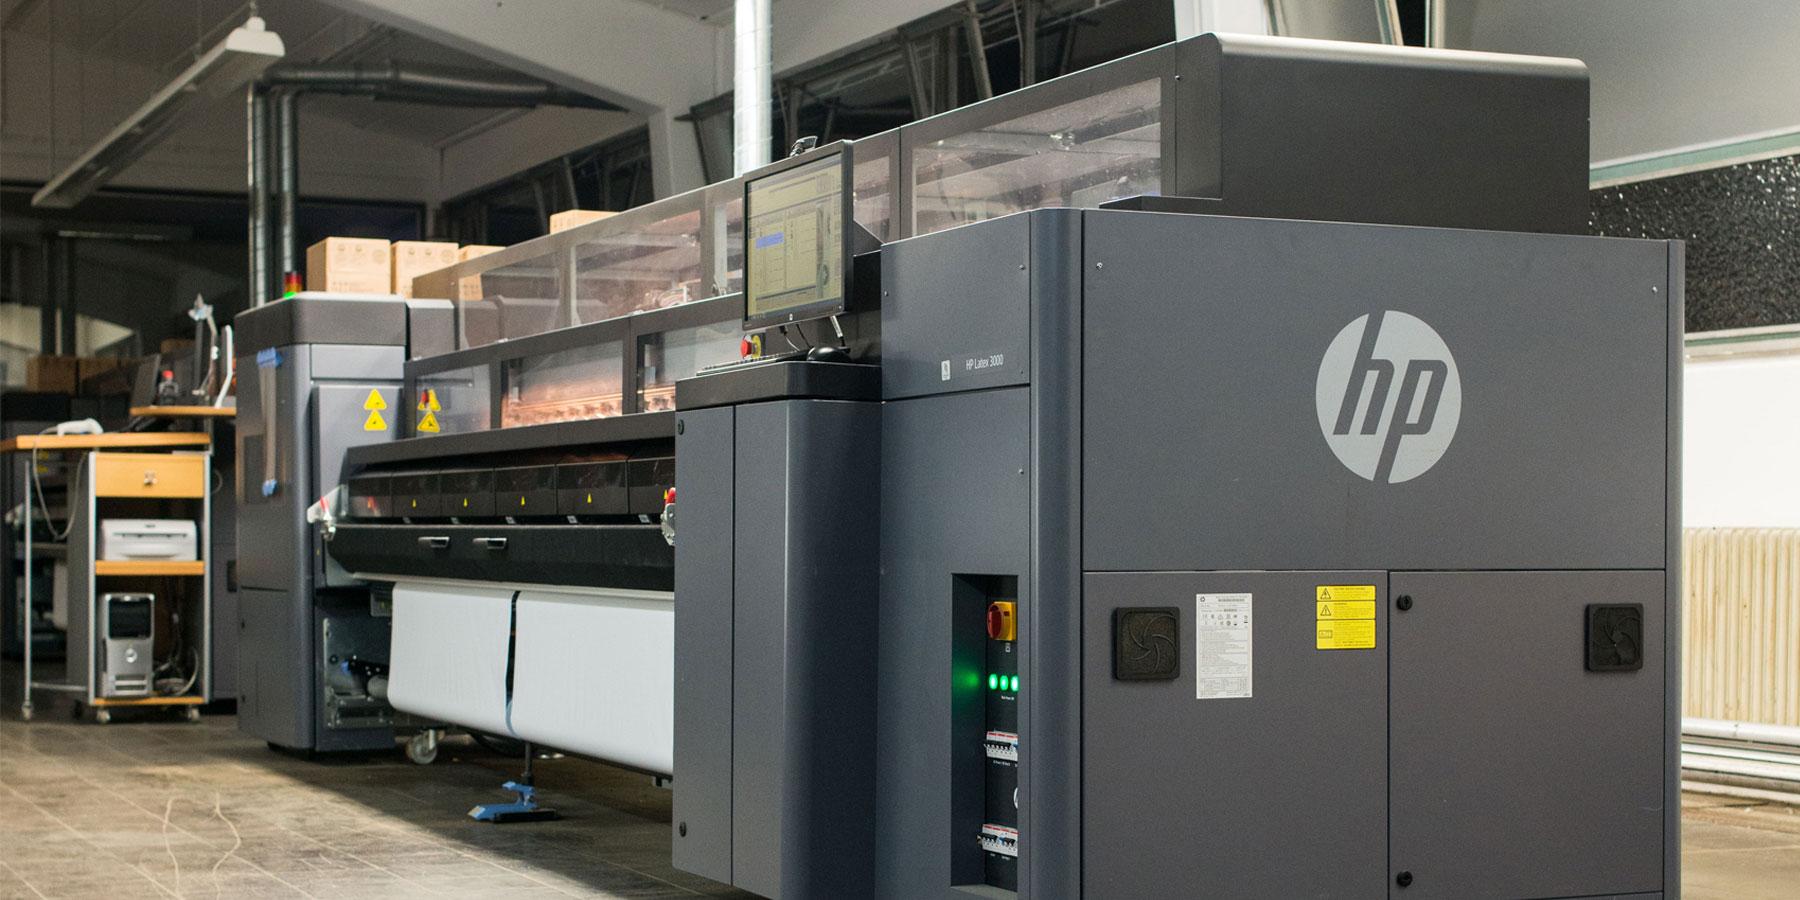 Plakatdruck, Druckmaschine